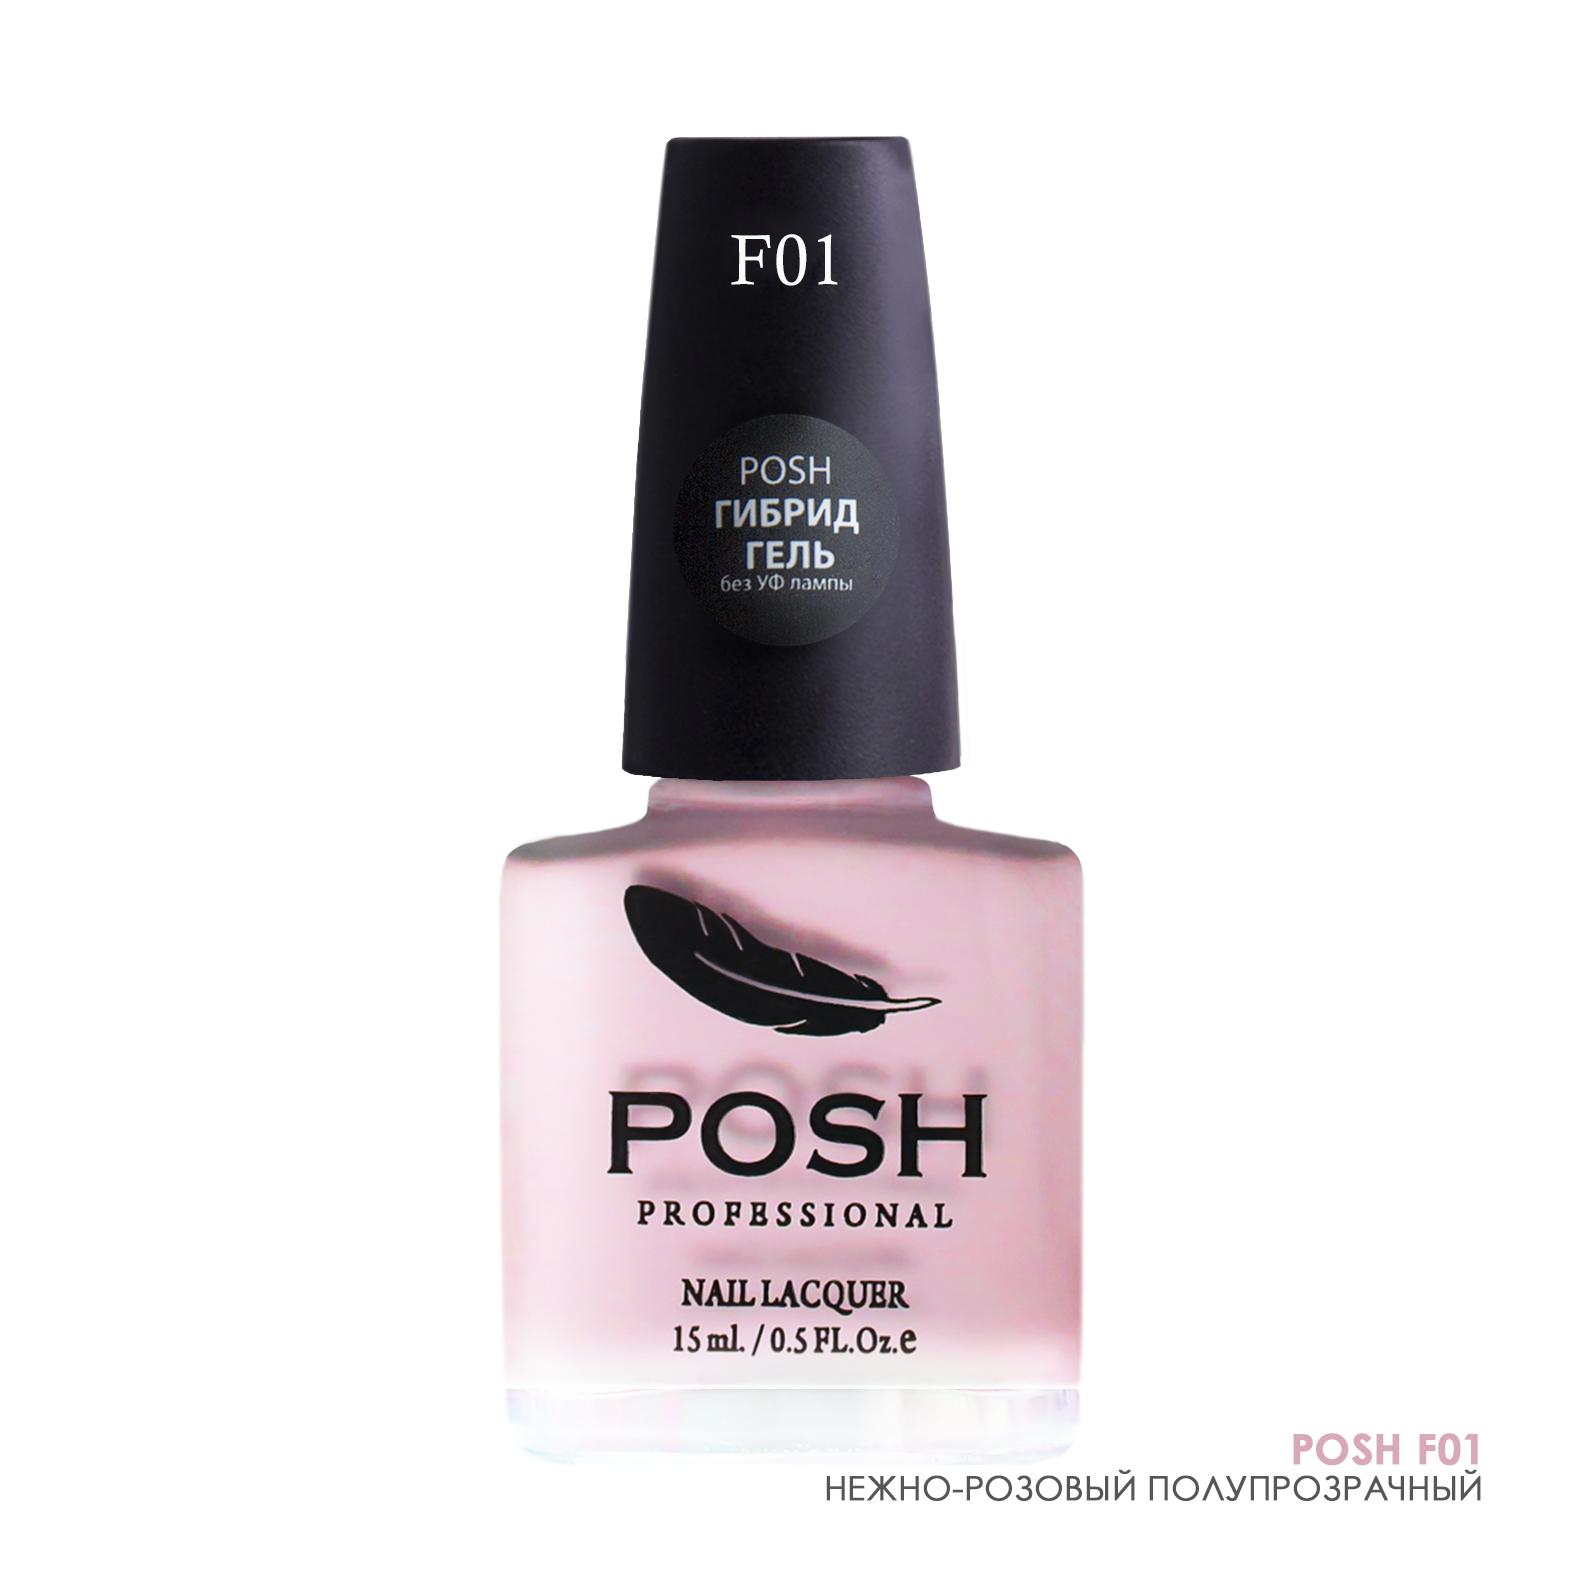 POSH 01F лак для французского маникюра Нежно-розовый 15 мл